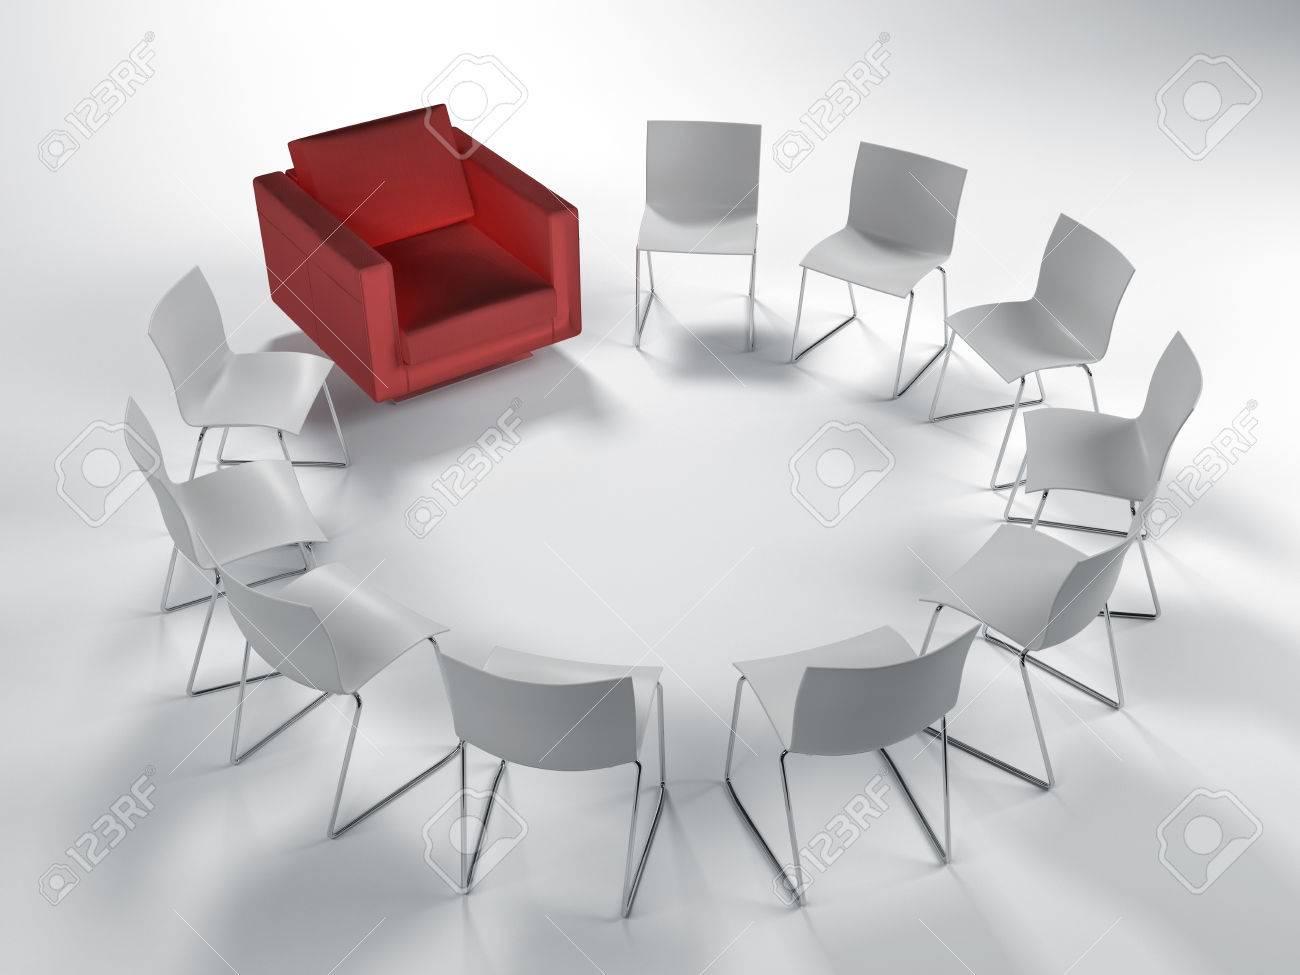 Schön Weisse Stühle Galerie Von Kreis Der Weißen Stühle Modular Mit Einem